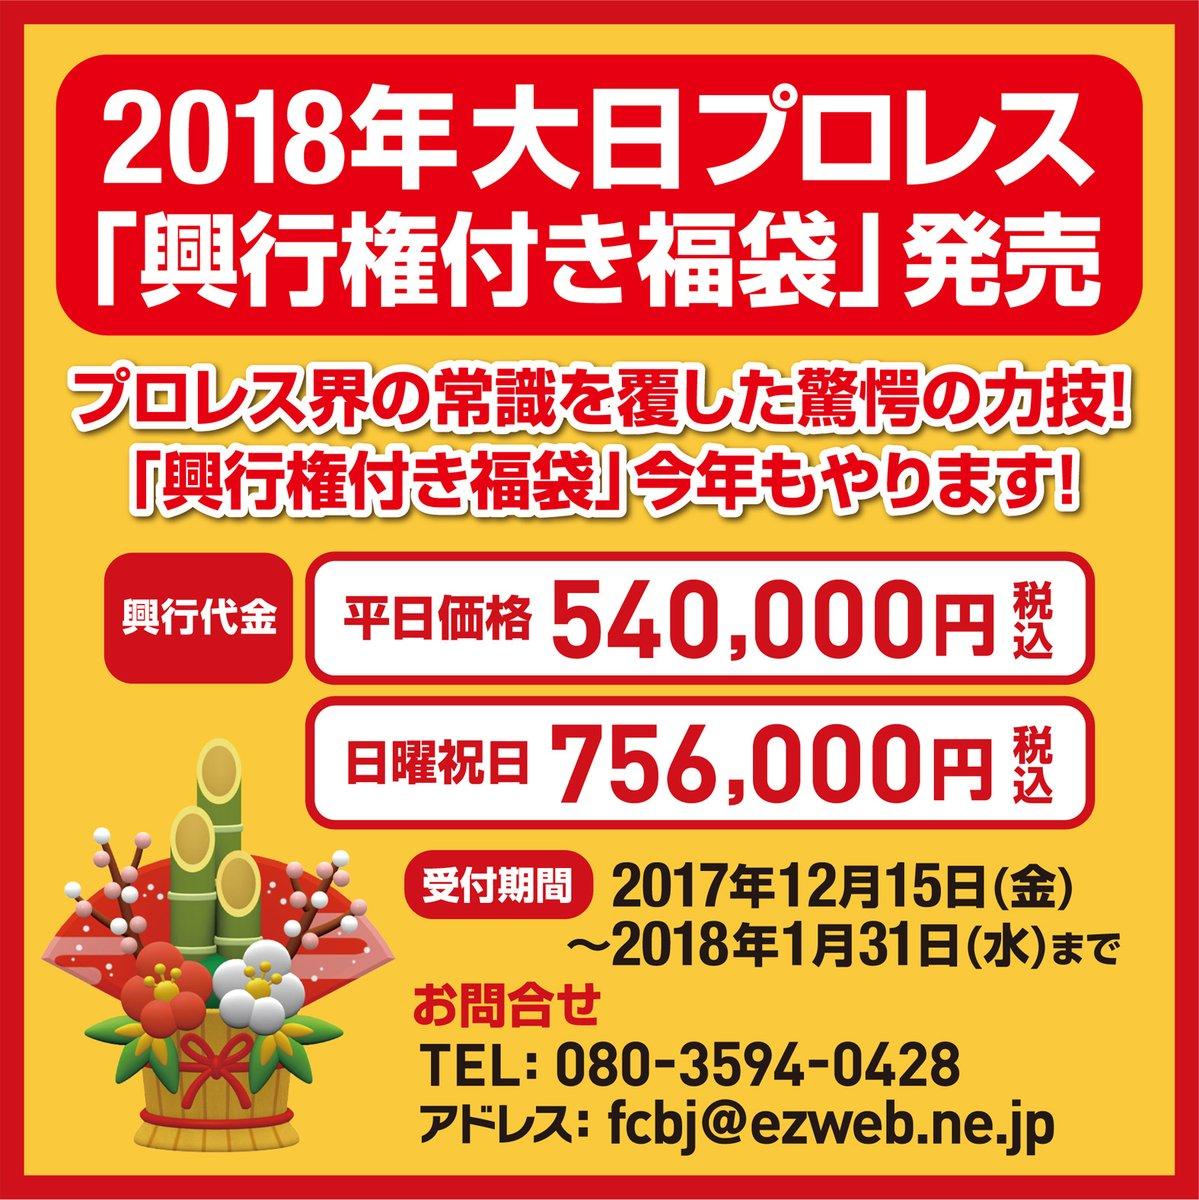 大日本プロレス】※2018年も「興行権付き福袋」発売のお知らせ ...